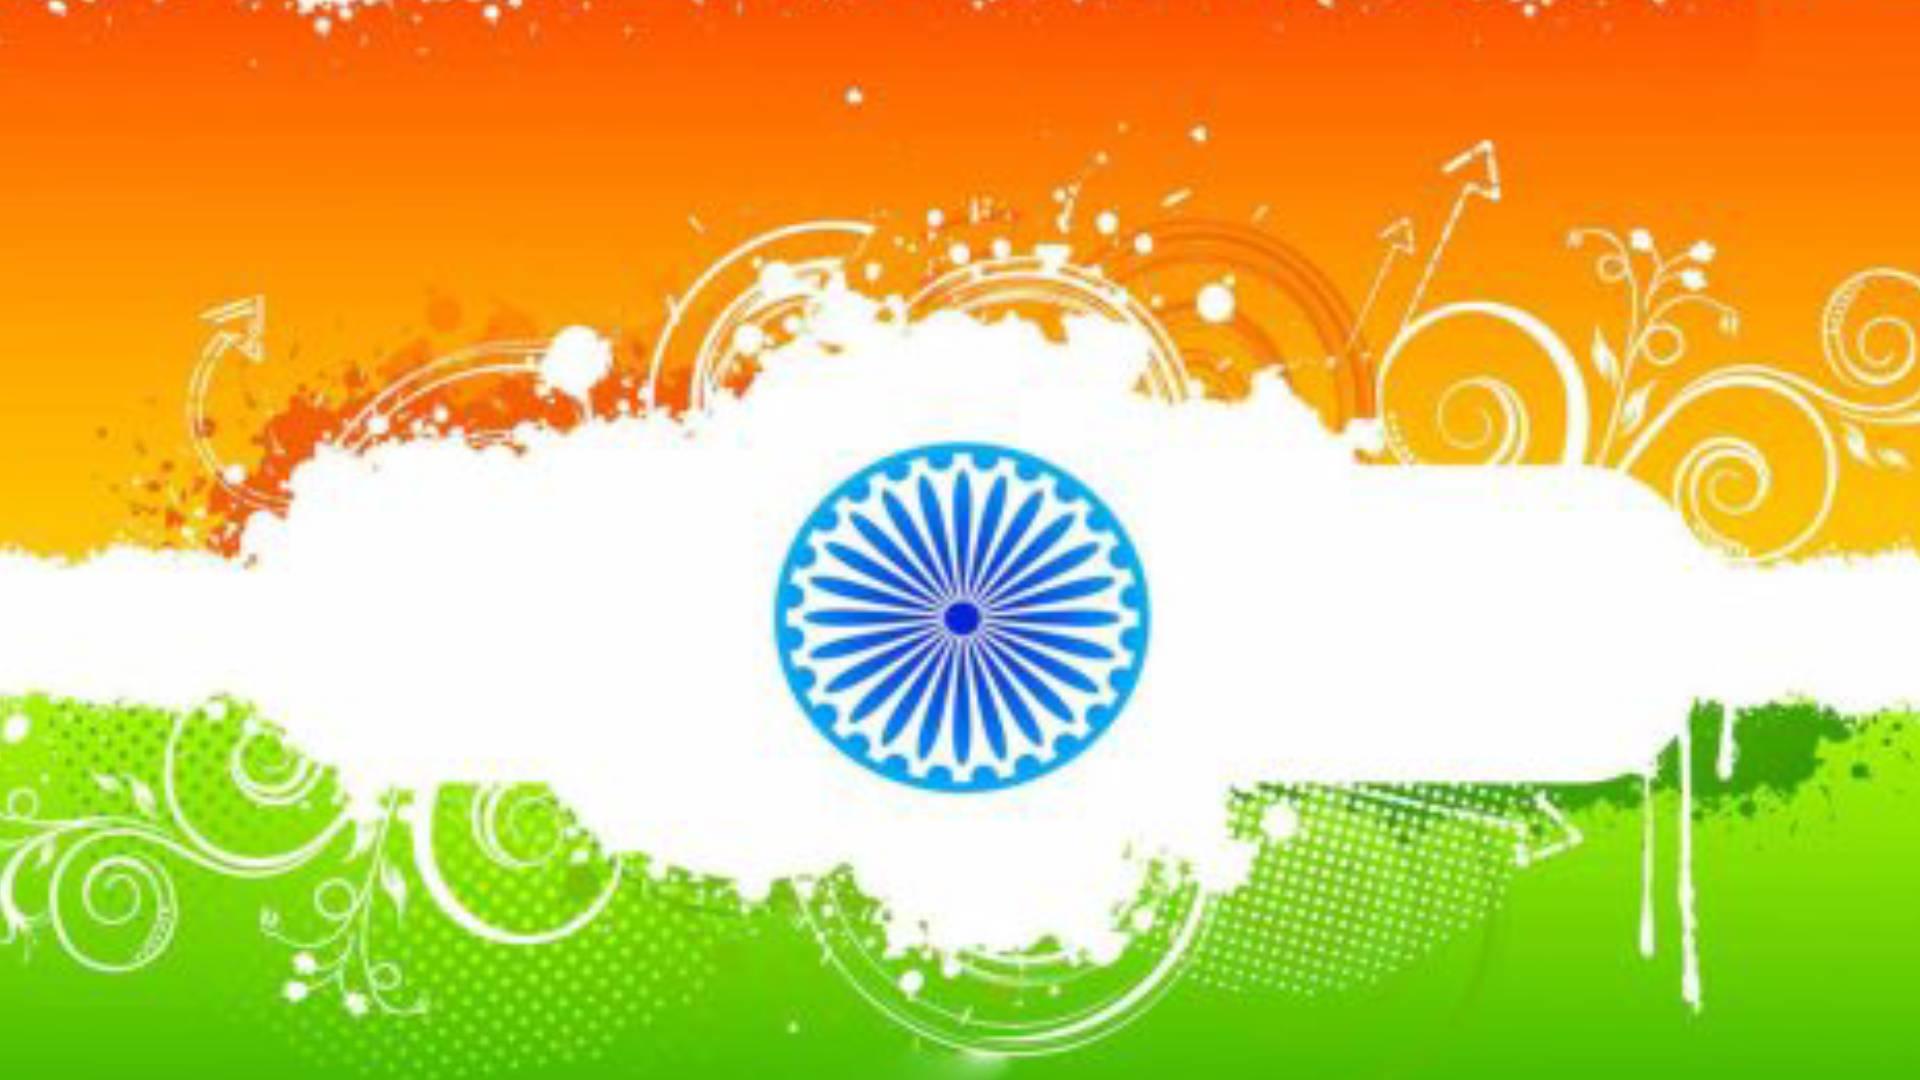 Independence Day 2019: 15 अगस्त पर अपनों को भेजें ये खास मैसेज, जताएं अपने देश के लिए सम्मान और प्यार